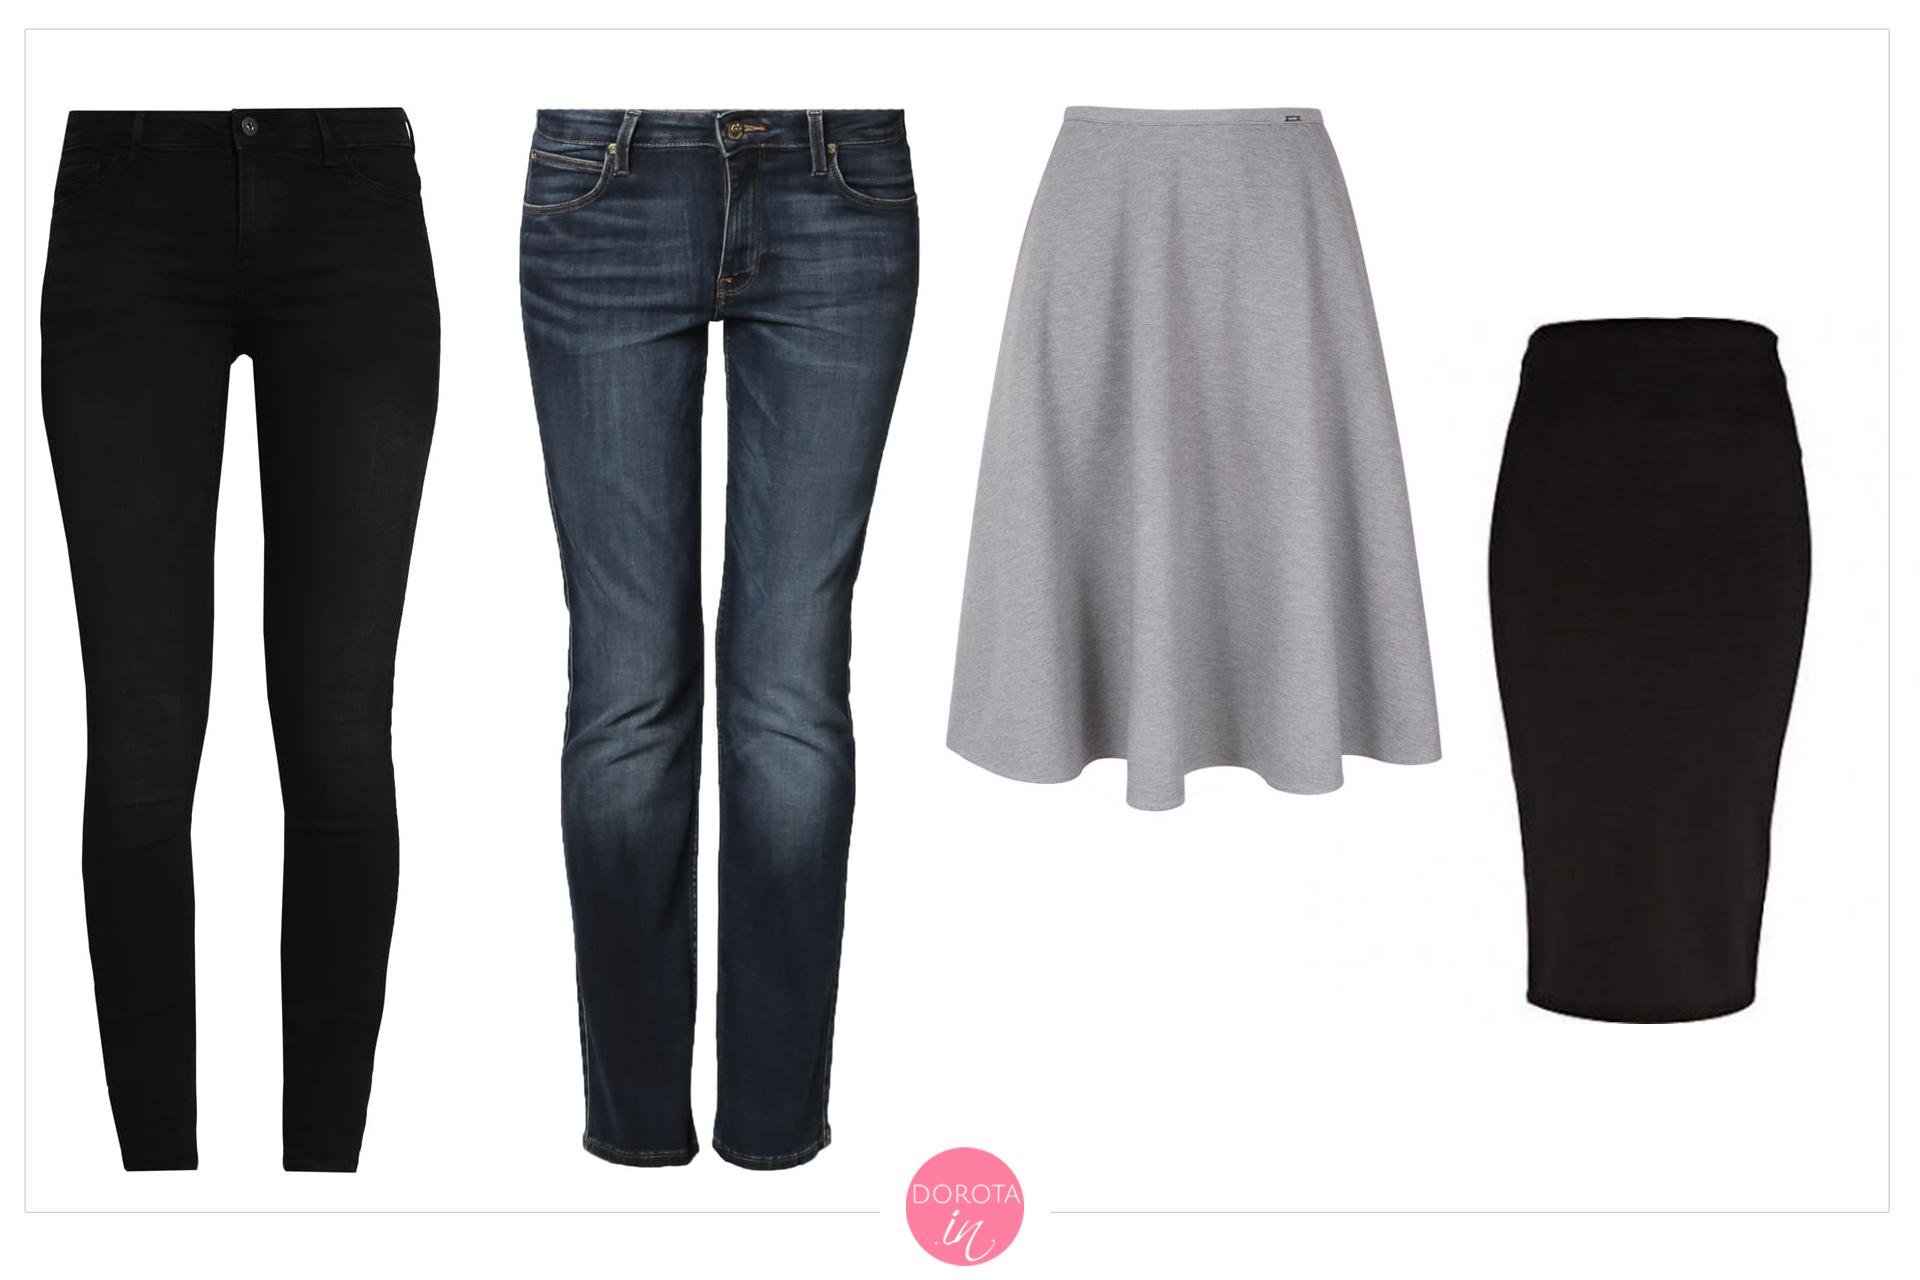 Spodnie i spódnice na zimę - garderoba kapsułowa